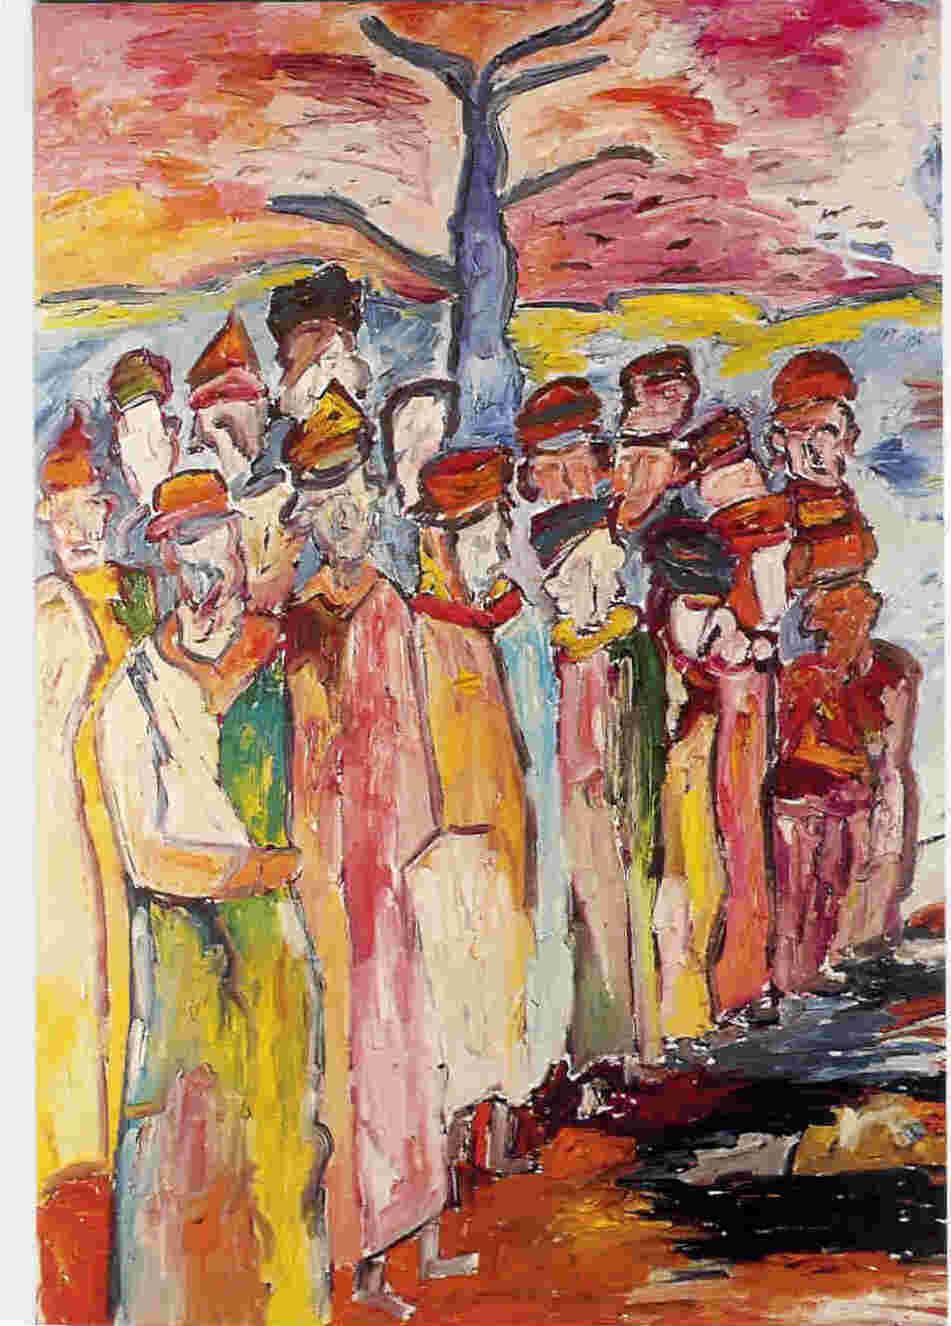 m4 jpg pierre mori pierre mori mène en parallèle une carière publicitaire et son travail d artiste peintre néo expressionniste depuis quelques années on peut